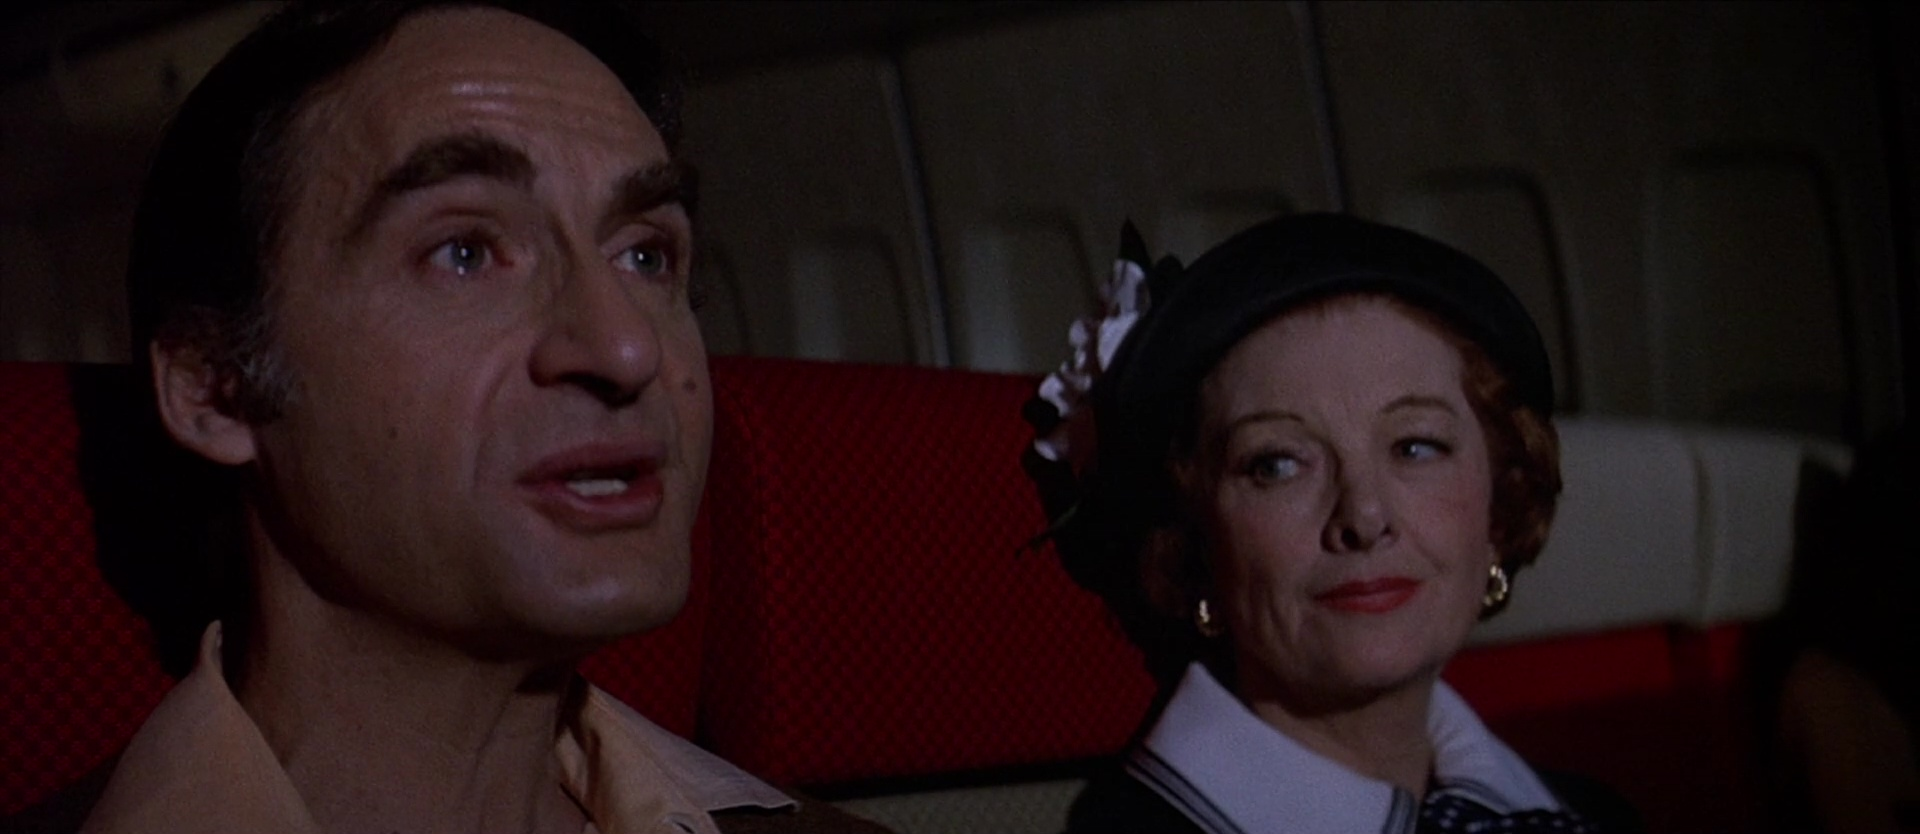 Airport 1975 film still 10